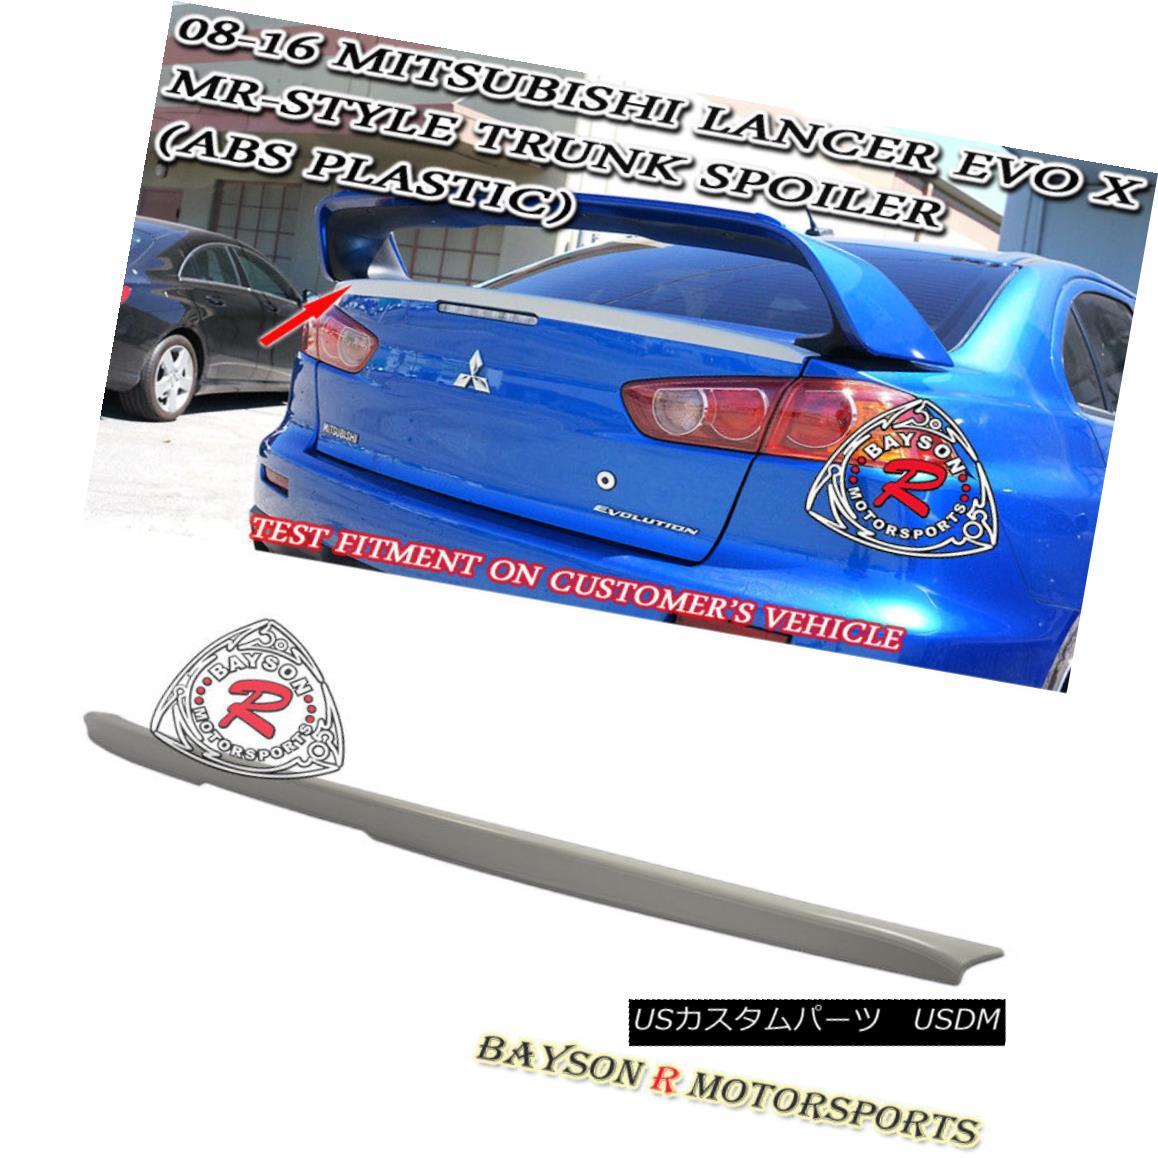 エアロパーツ MR-Style Rear Trunk Lip Spoiler Wing (ABS) Fits 08-16 Mitsubishi Lancer EVO 10 X MR-スタイルリアトランクリップスポイラーウイング(ABS)08-16三菱ランサーEVO 10 X